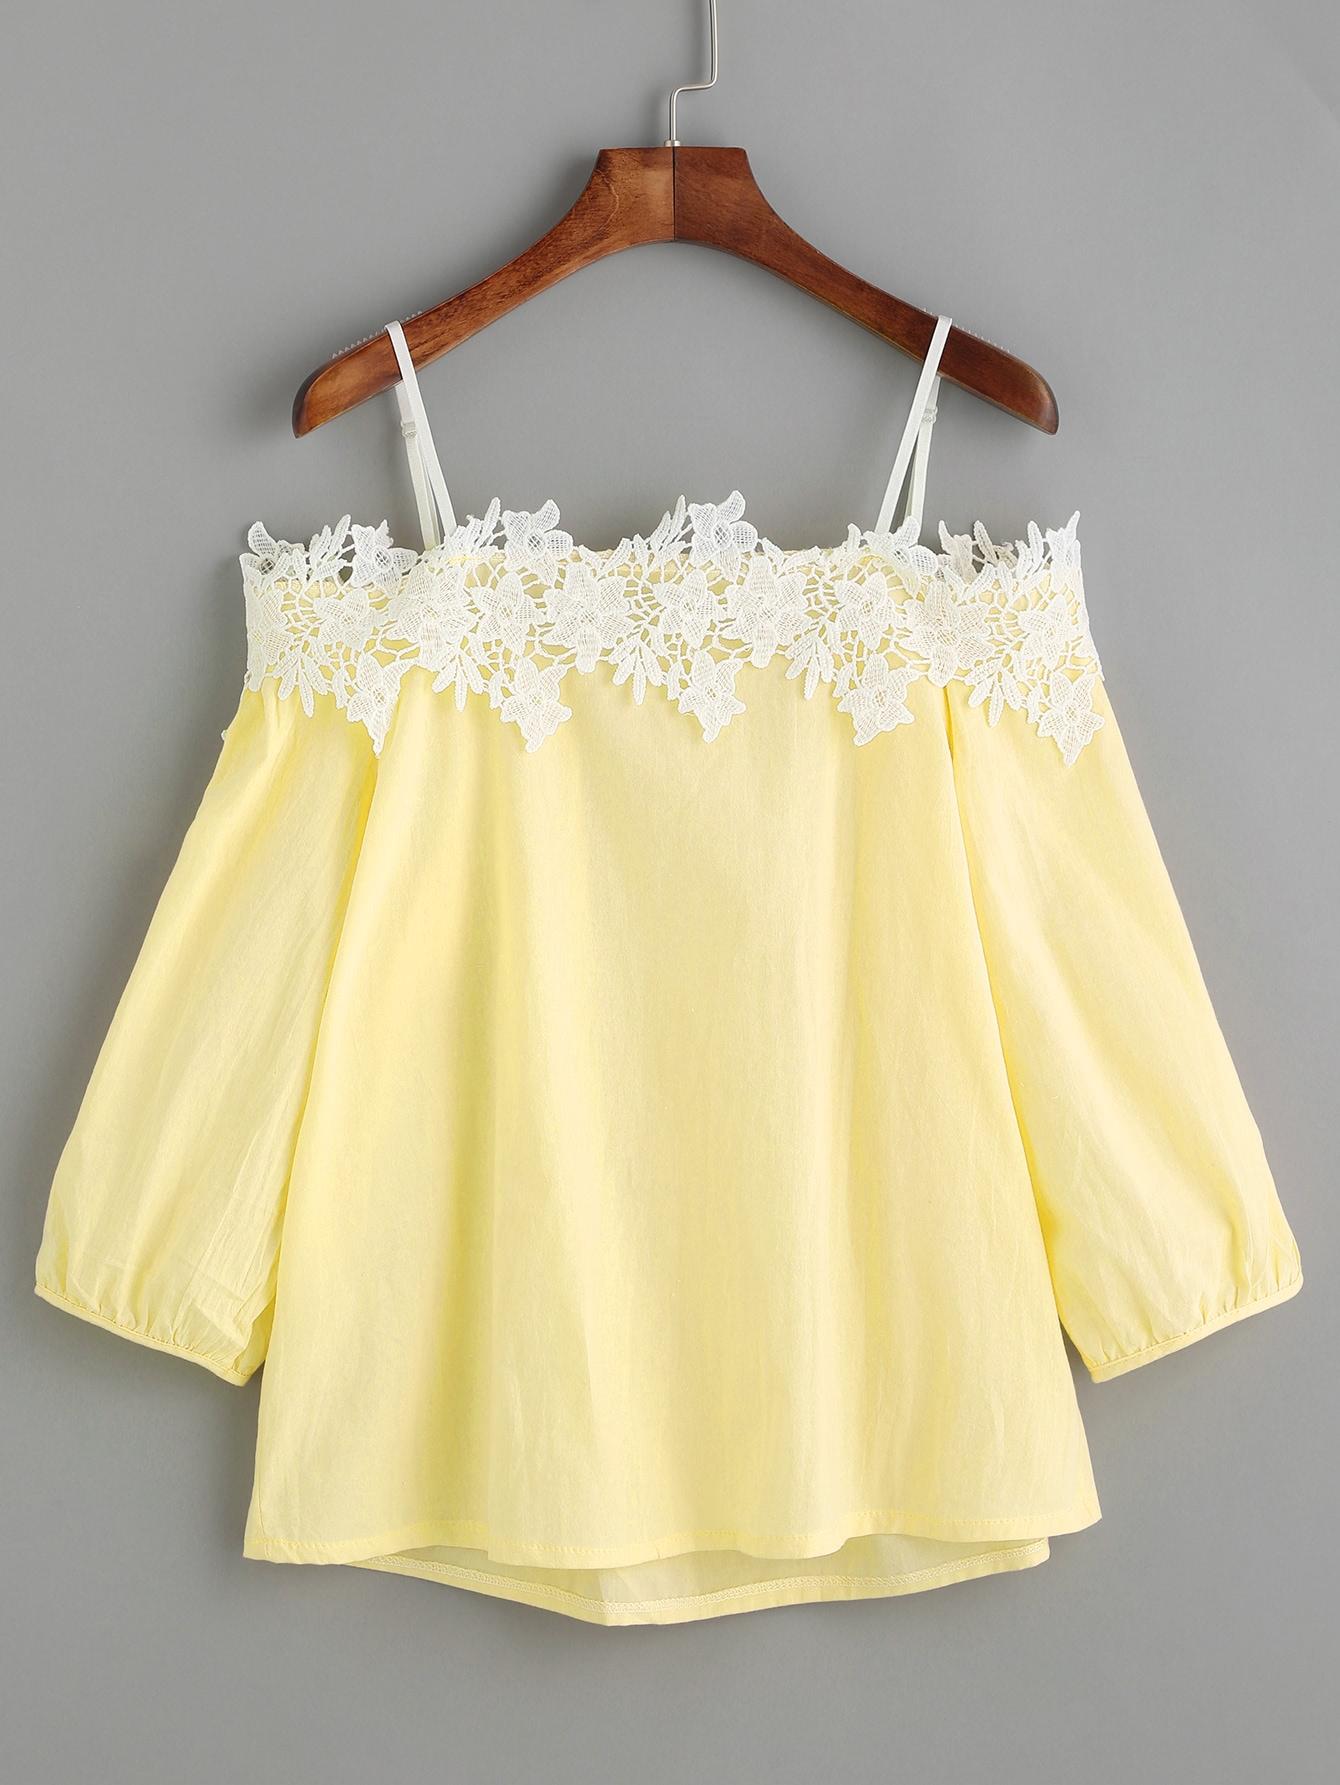 Cold Shoulder Lace Appliques Top blouse170222103